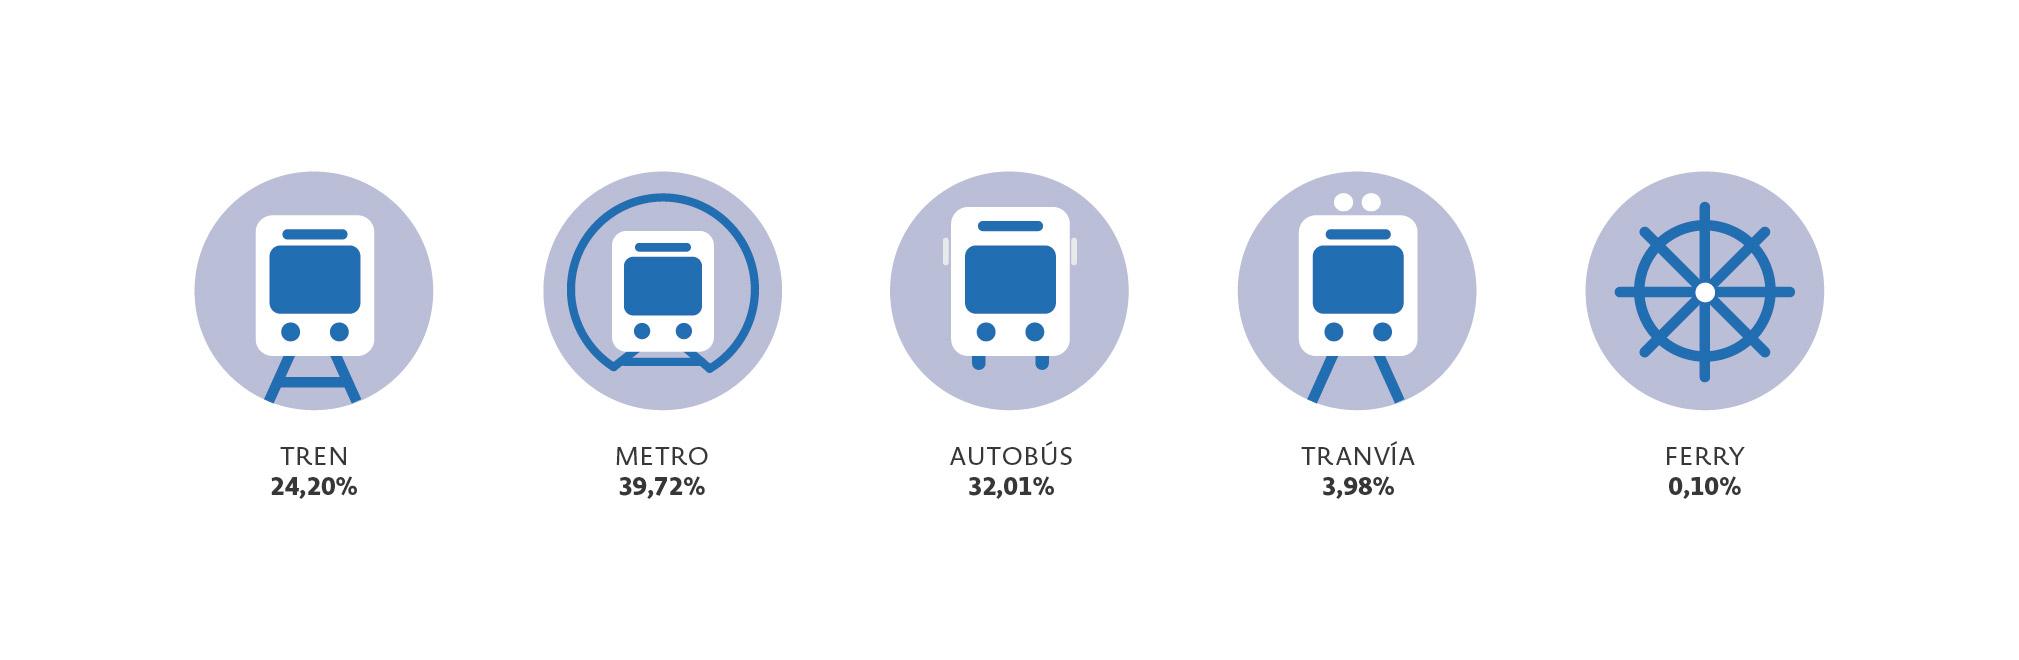 10 hábitos de transporte de los empleados en España_2